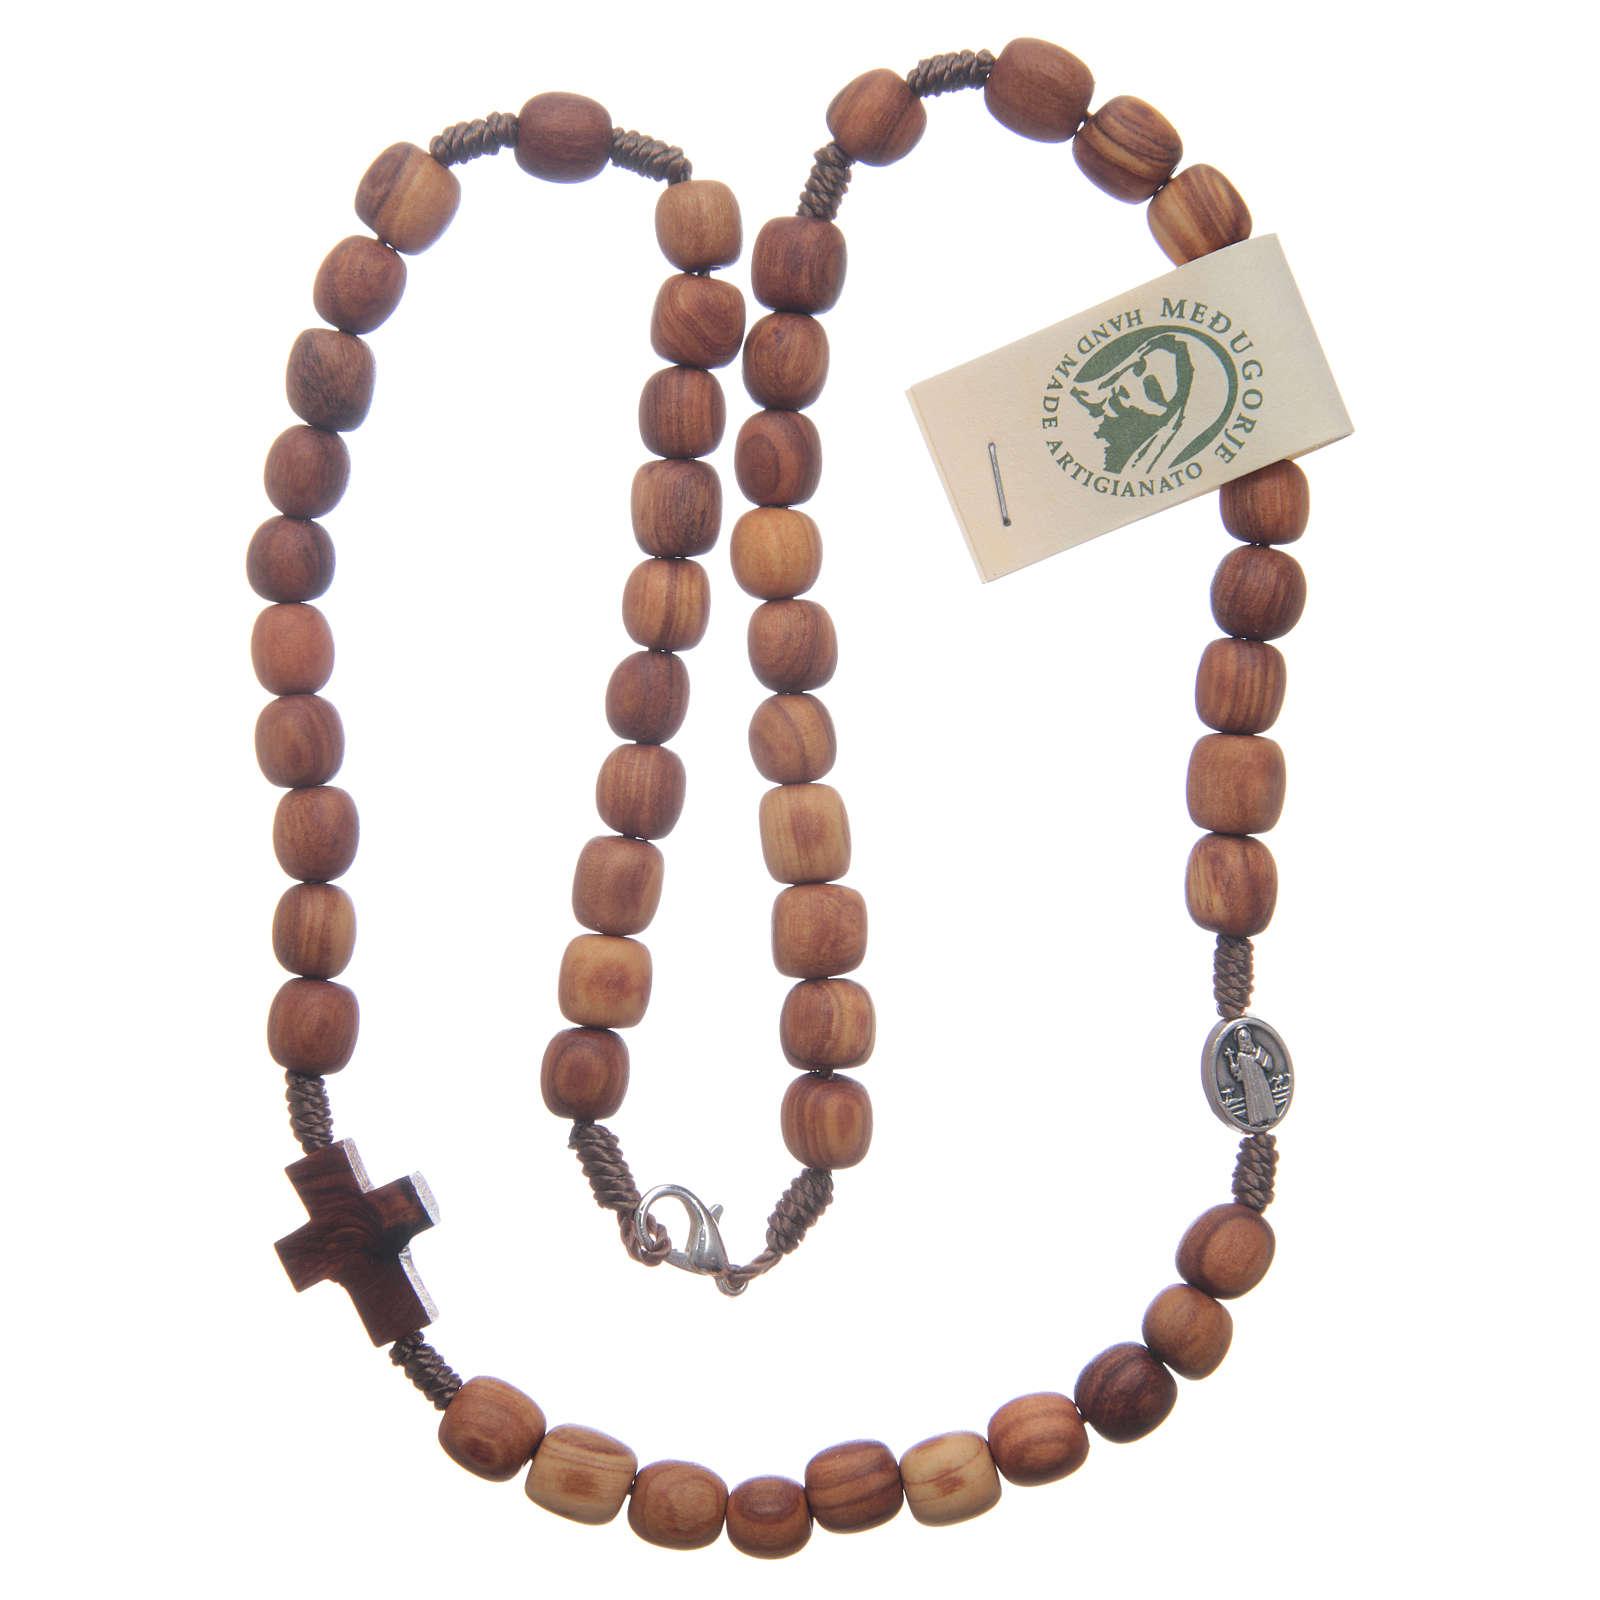 Rosenkranzkette aus Medjugorje, Perlen aus Olivenholz 4